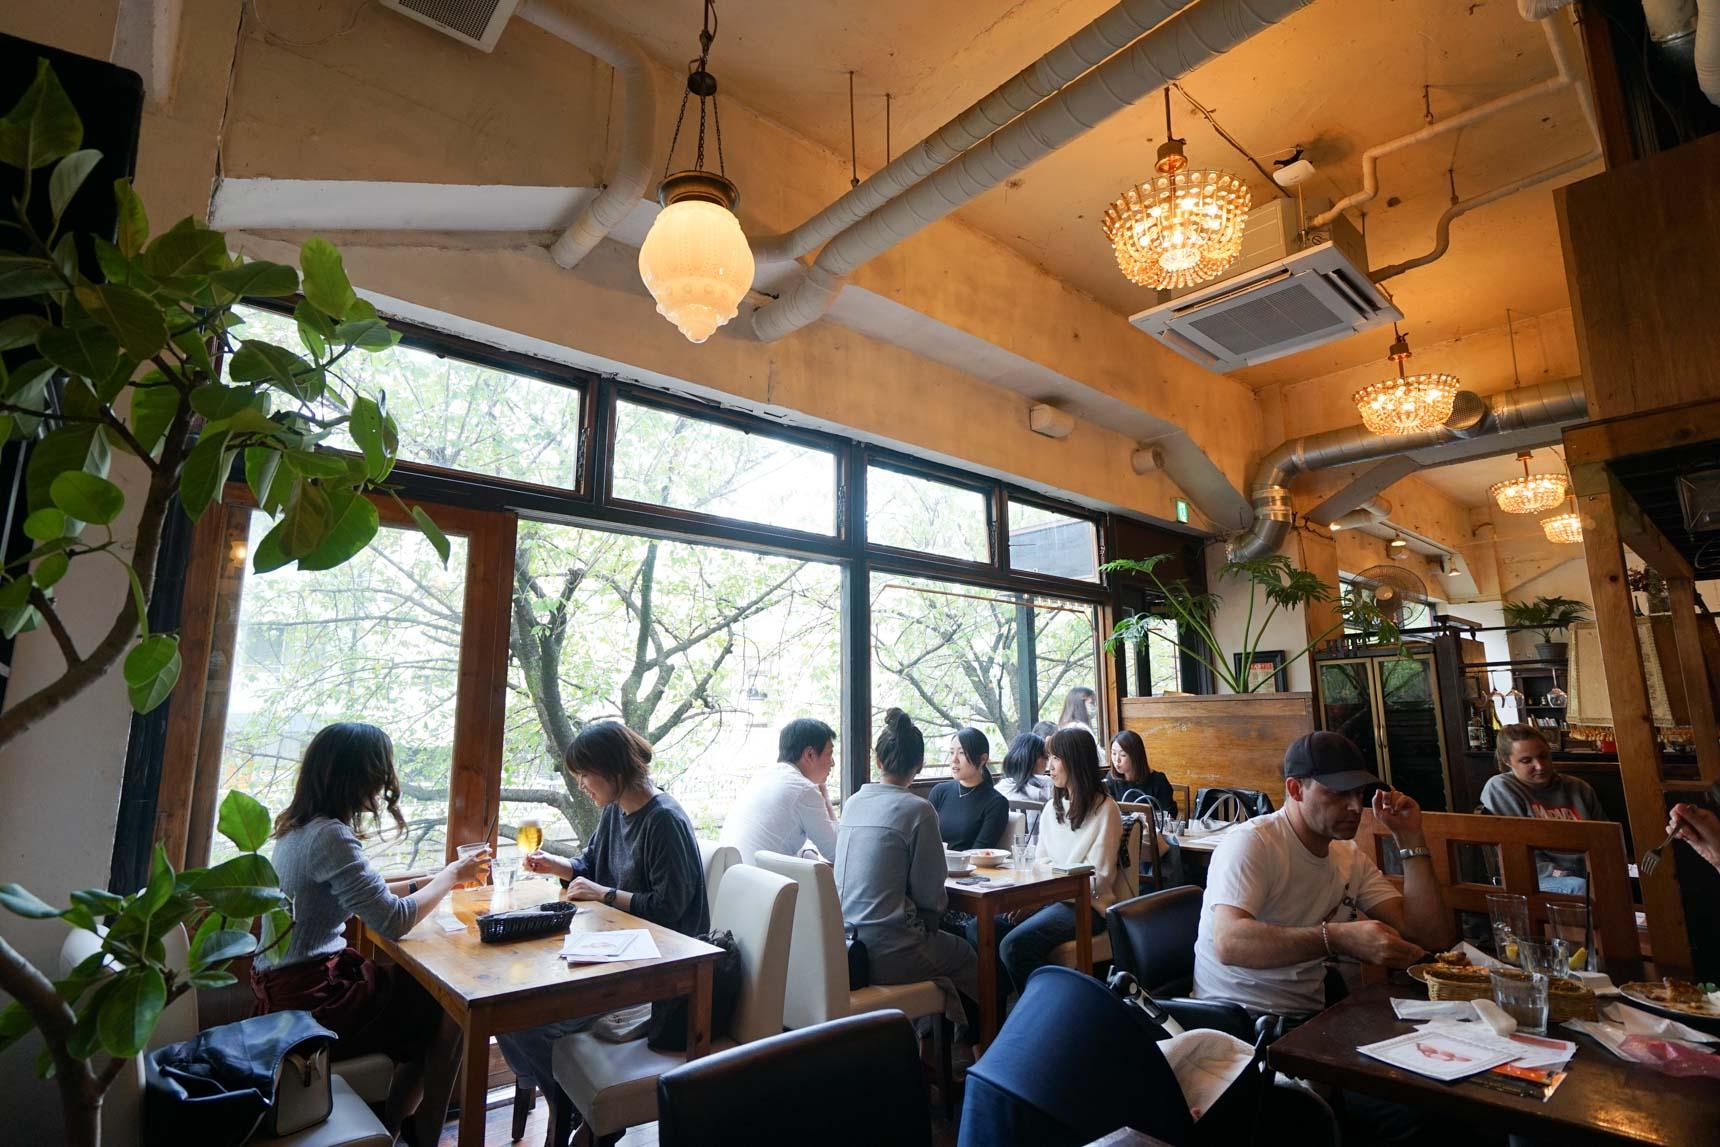 中目黒のカフェ『HUIT』で、目黒川の緑を眺めながら休日ランチ